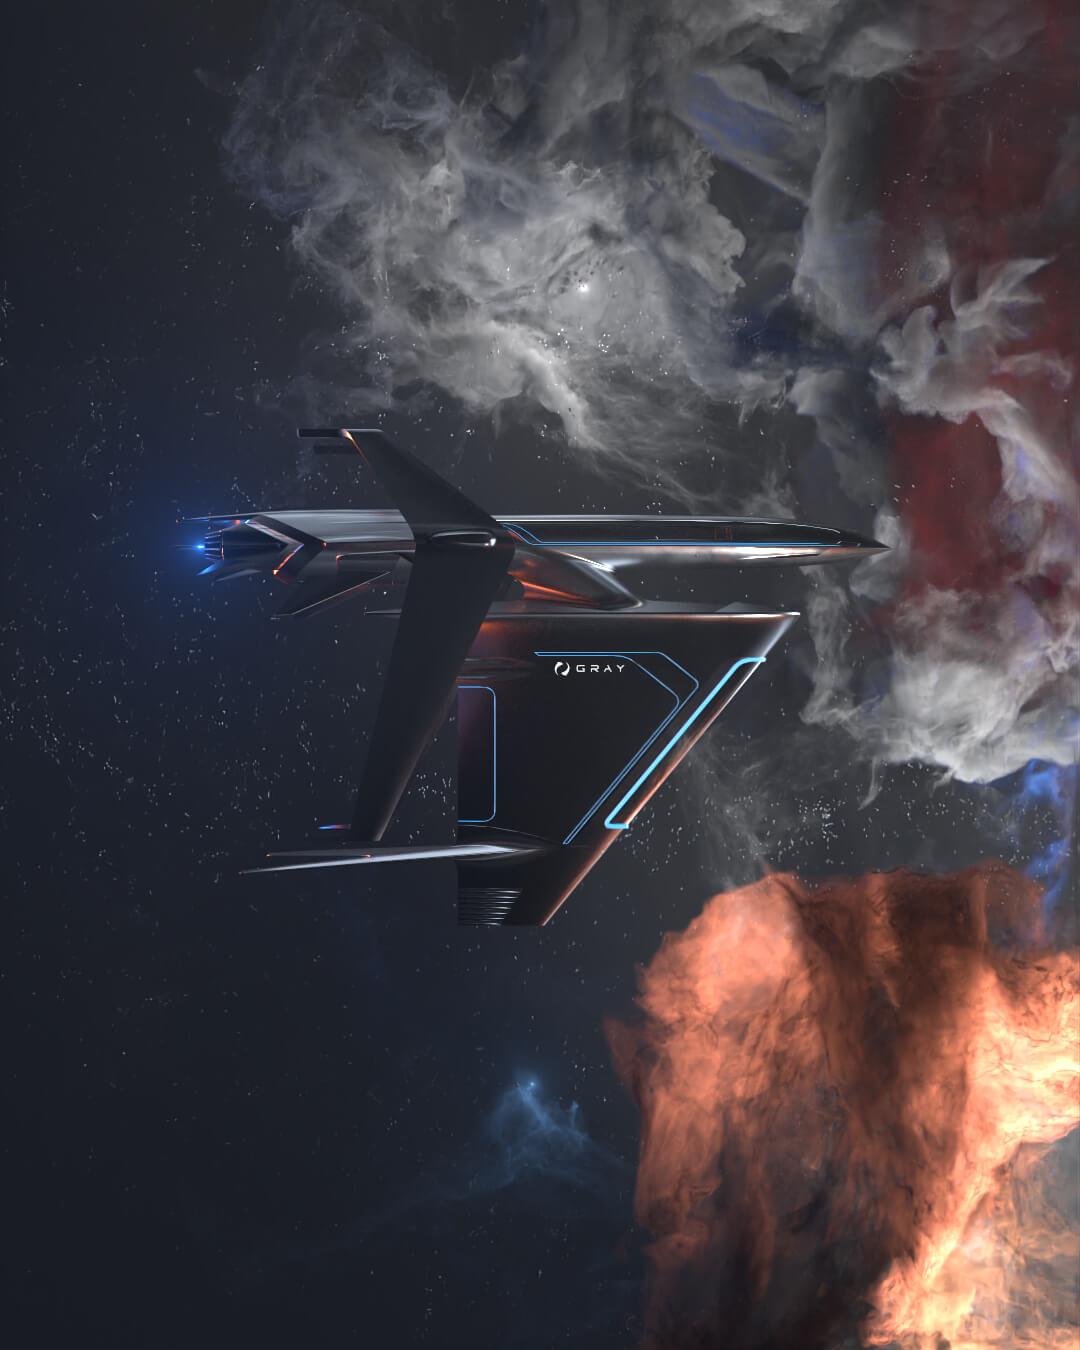 graycraft1-2 NFT black spaceship